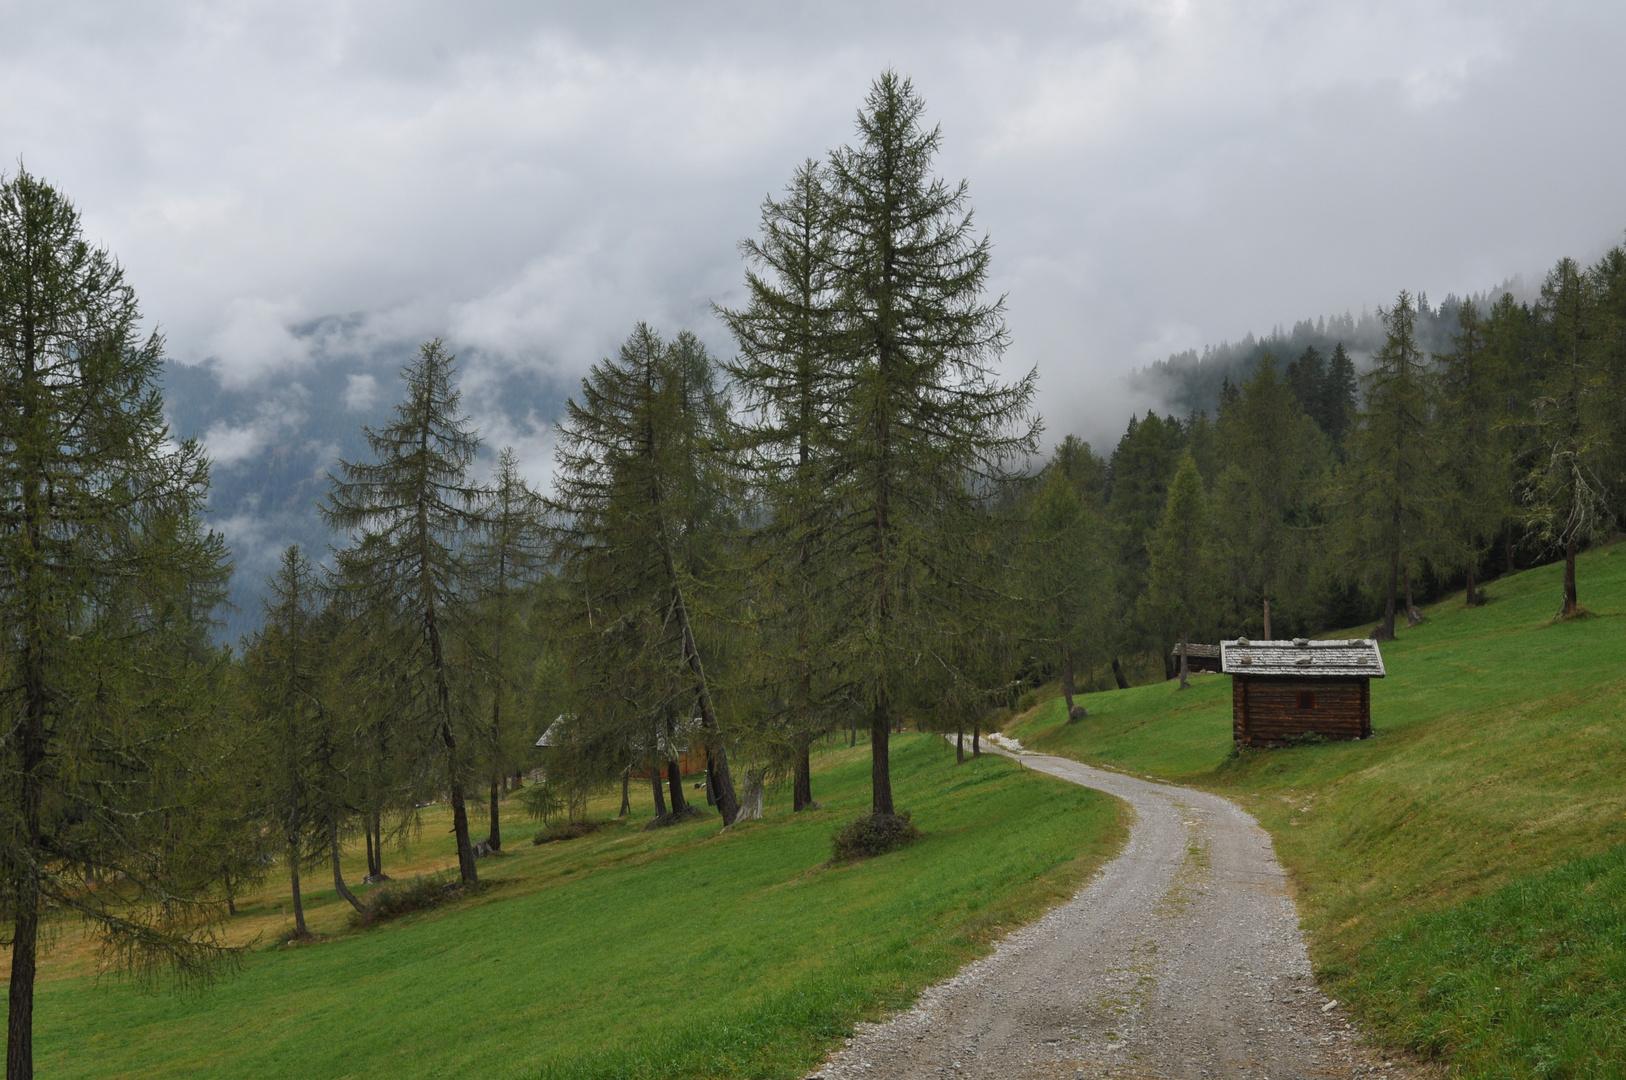 Wolkenfetzen hinter Bäumen